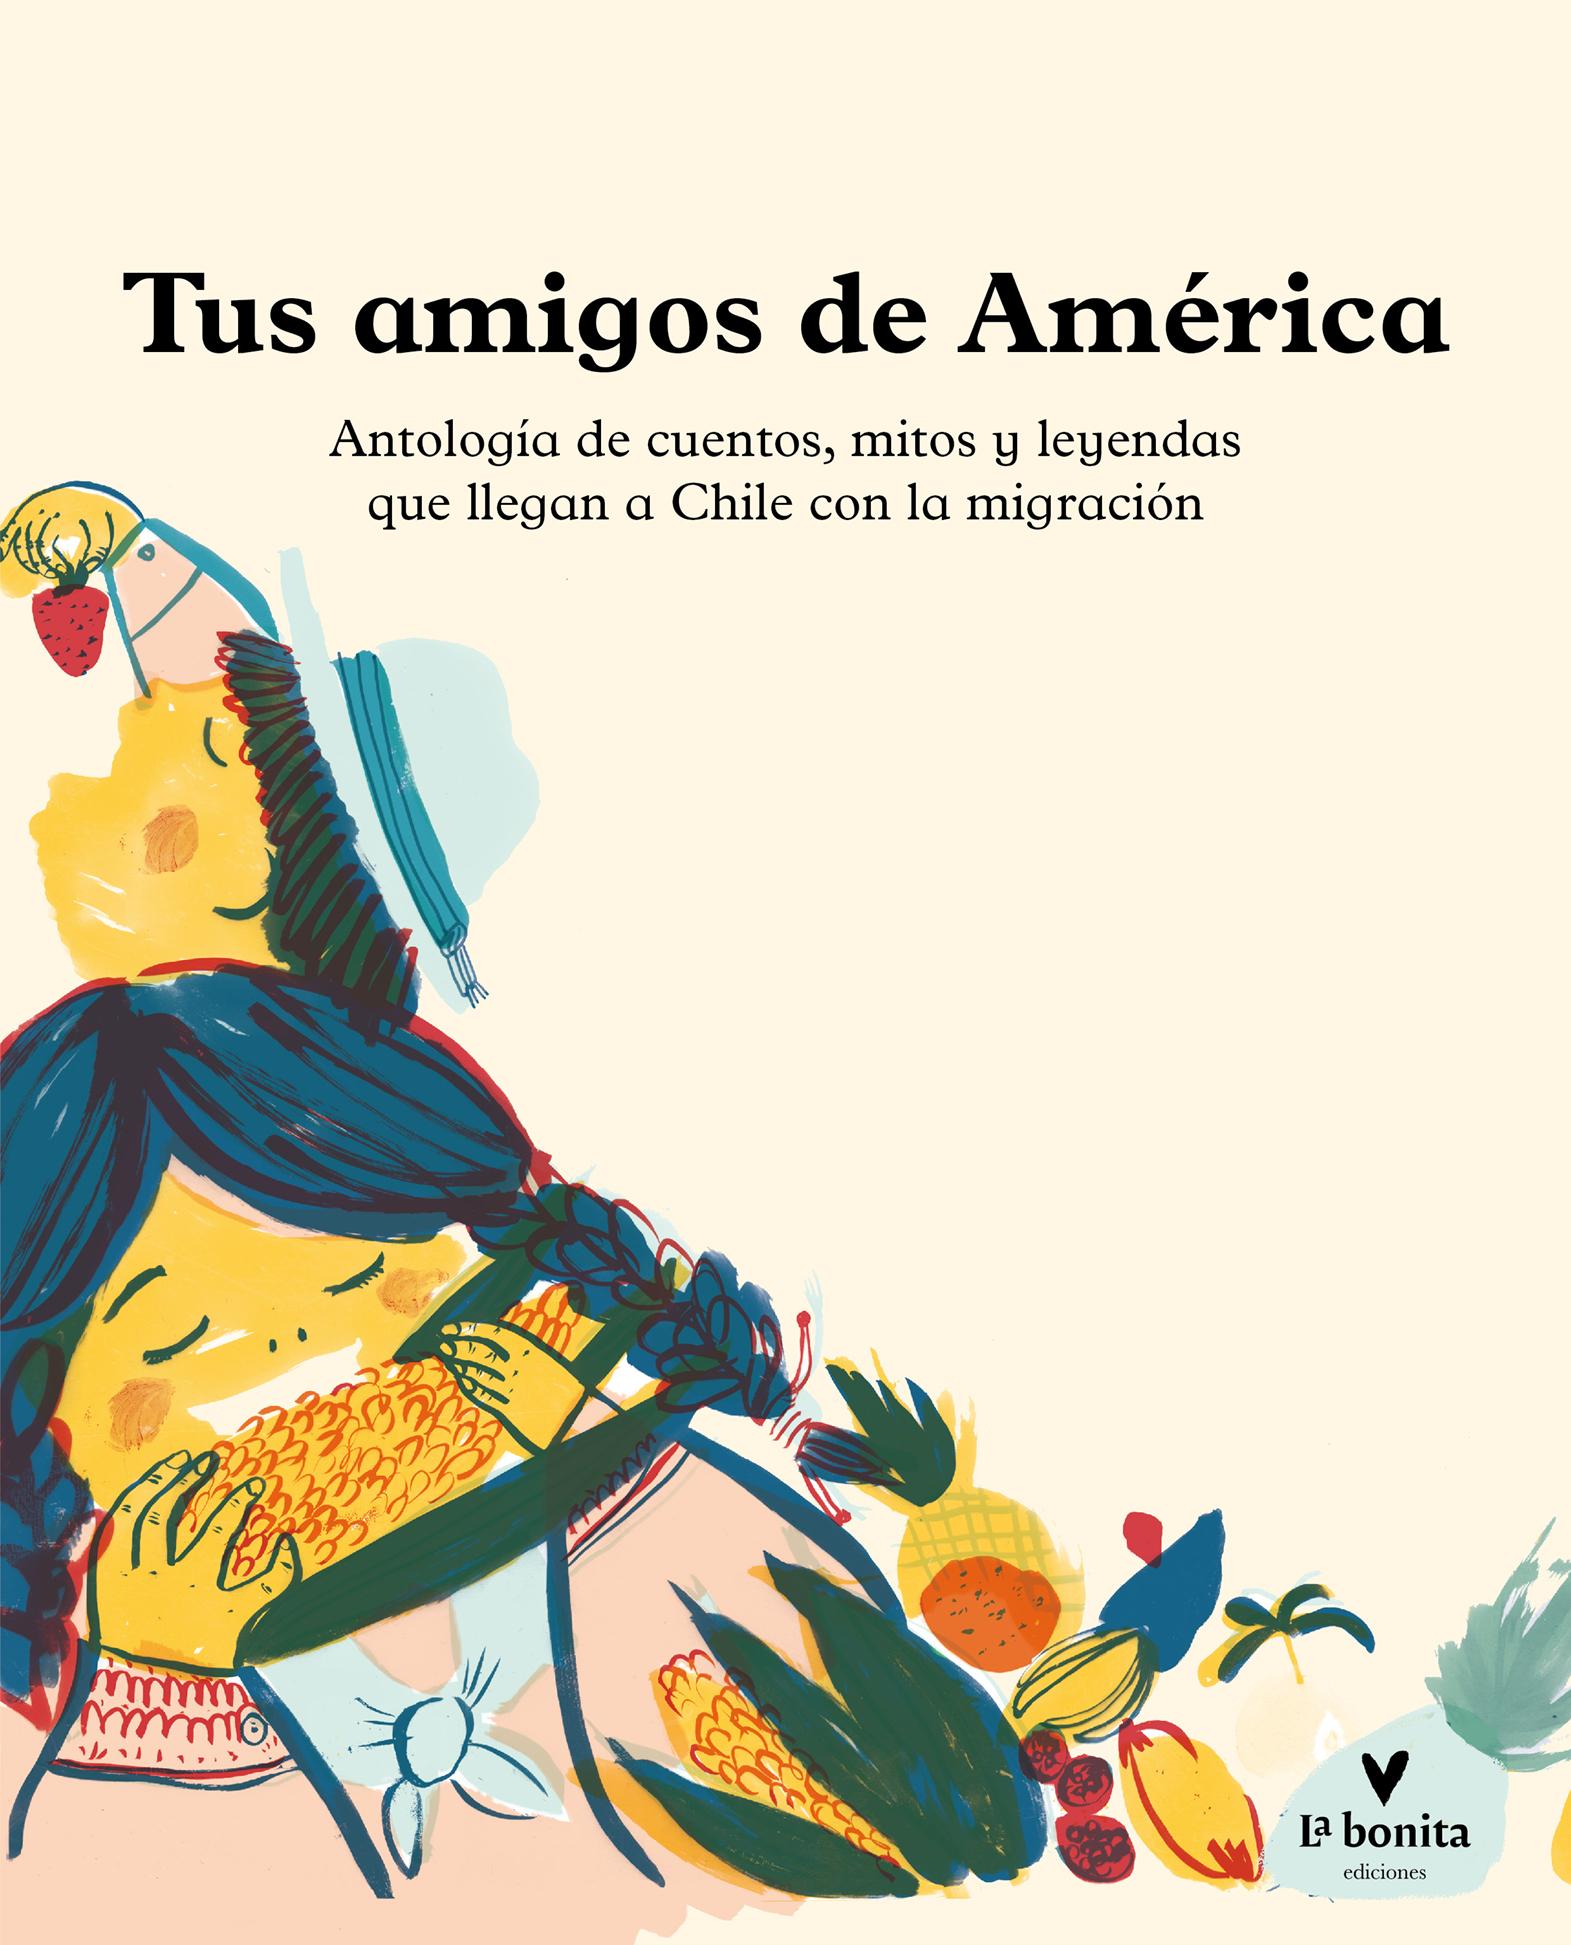 Tus amigos de América: Antología de los cuentos, mitos y leyendas que llegan a Chile con la migración